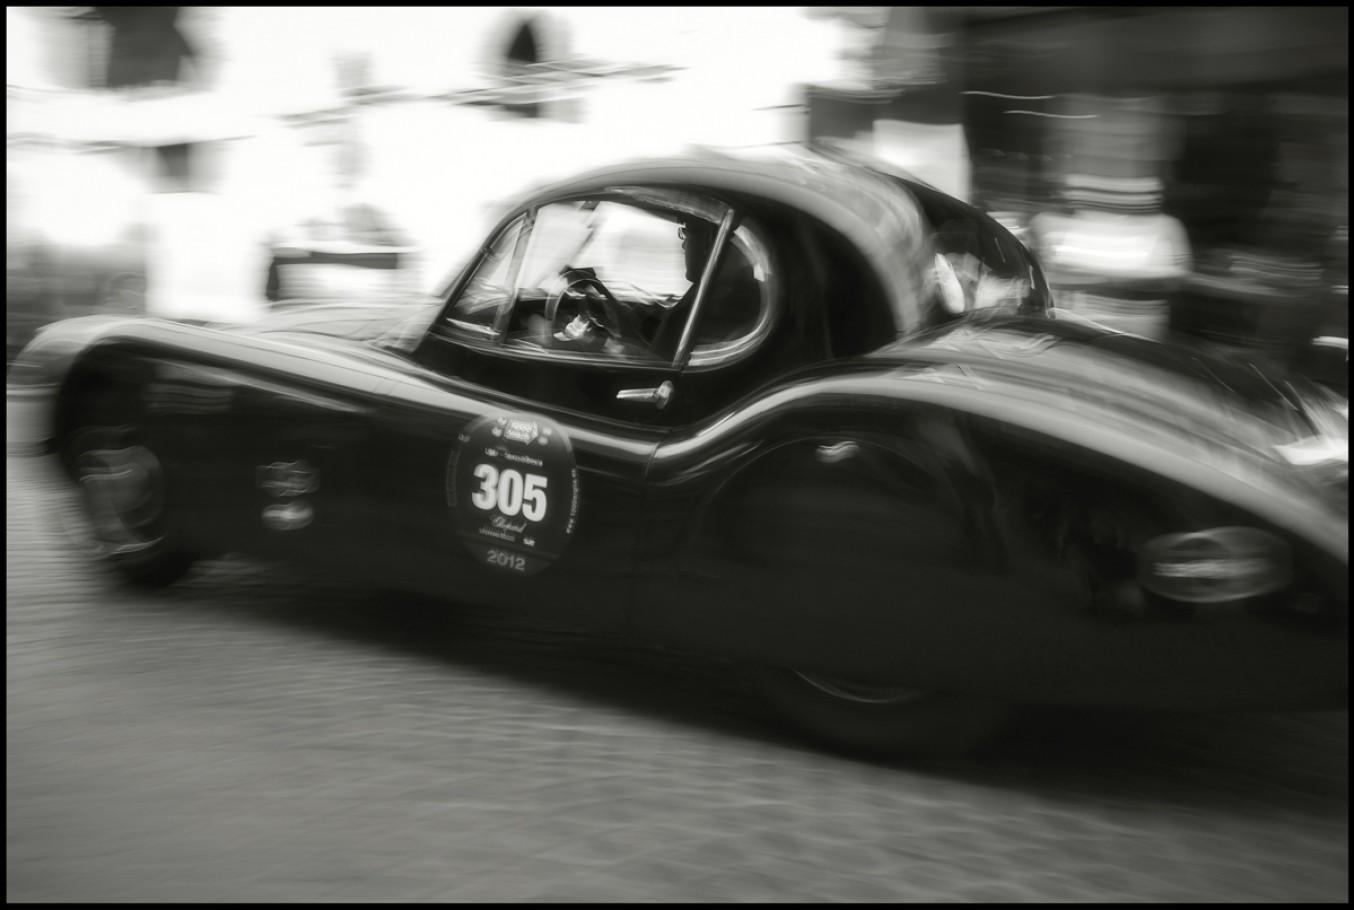 18 maggio 2012, Ravenna, passaggio della Mille miglia